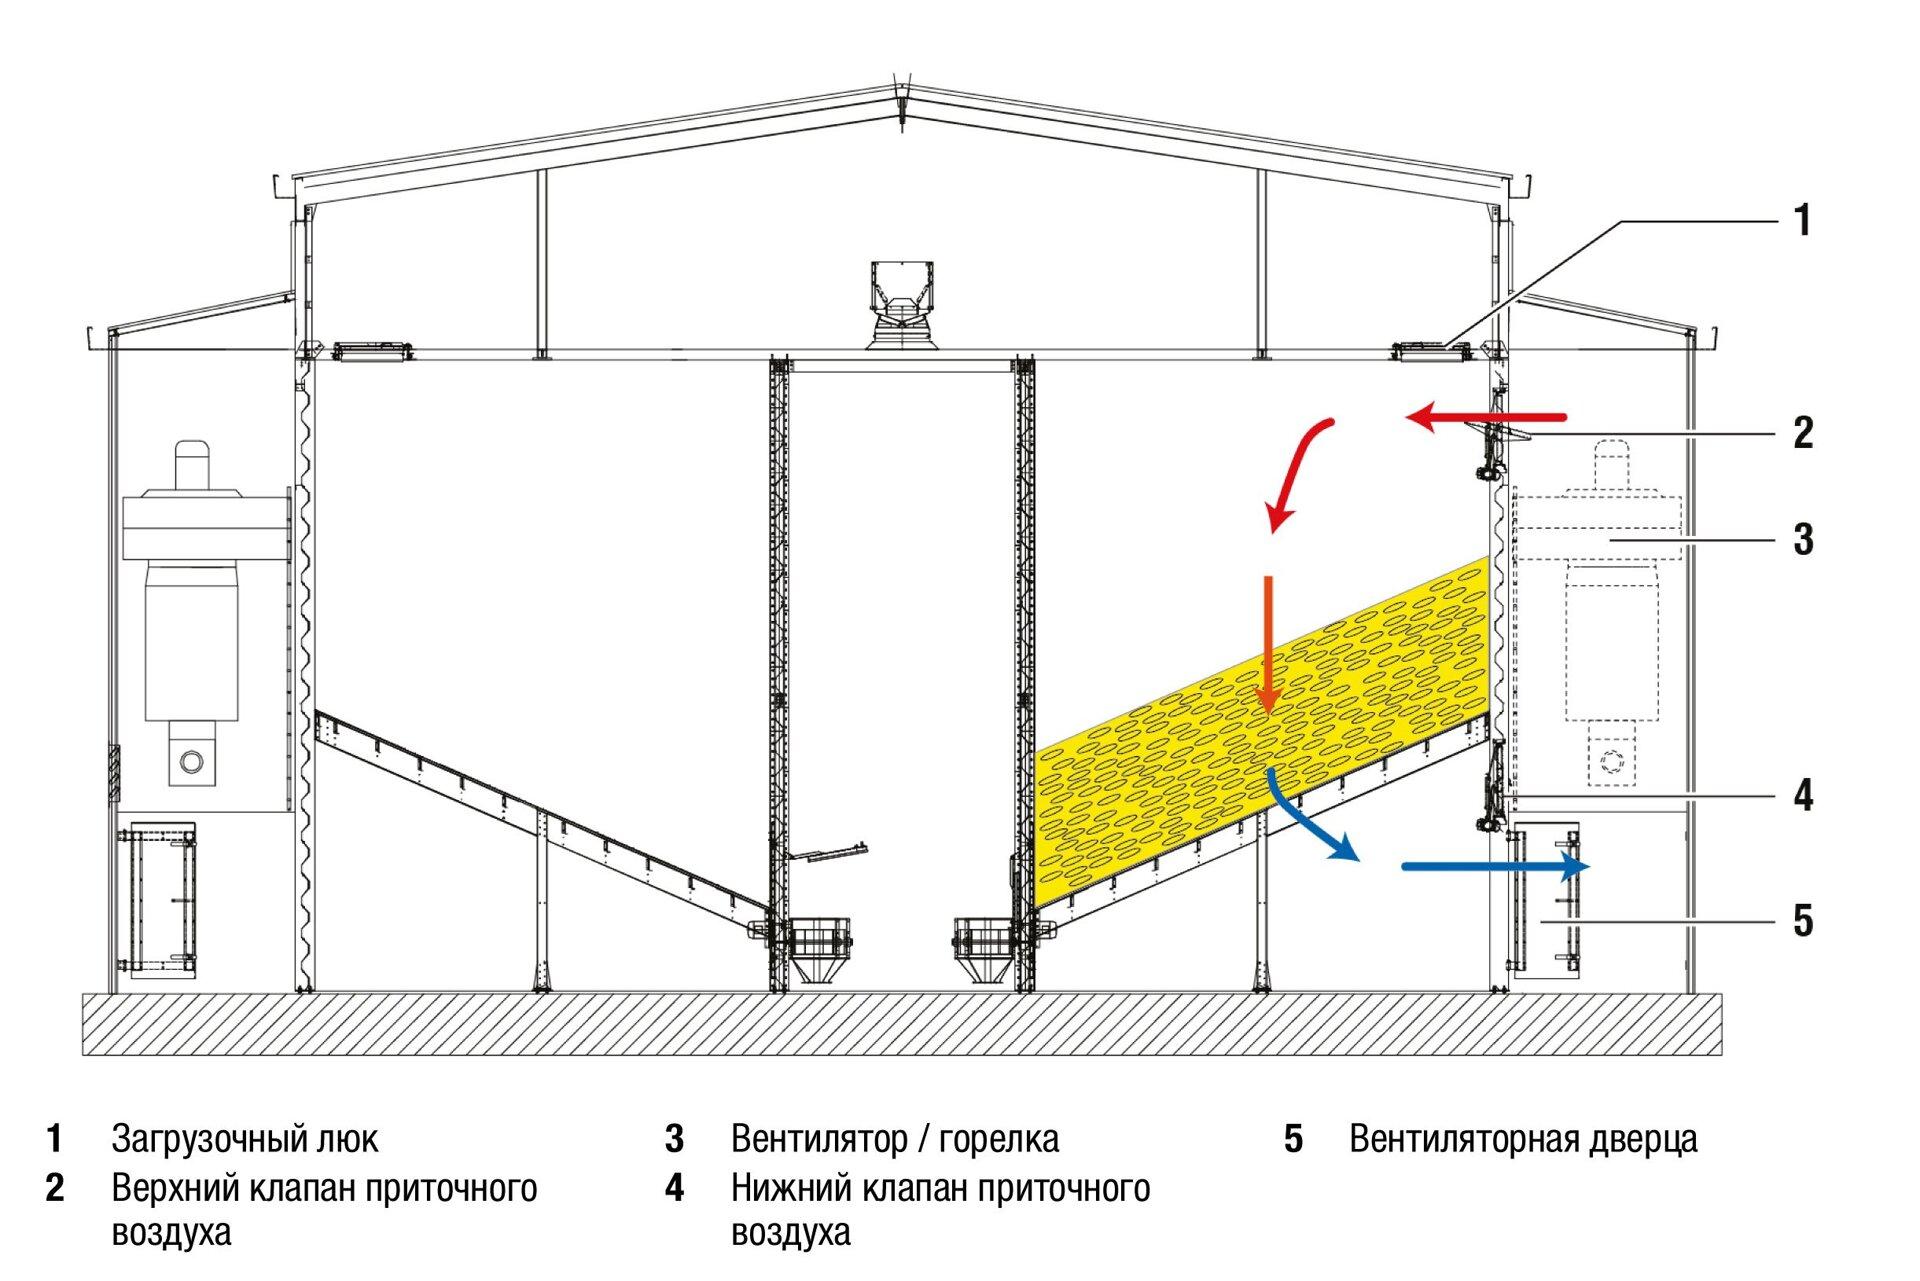 Сушильный цех для кукурузных початков DHS компании Петкус - фото Сушильный цех для кукурузных початков Петкус в Крыму